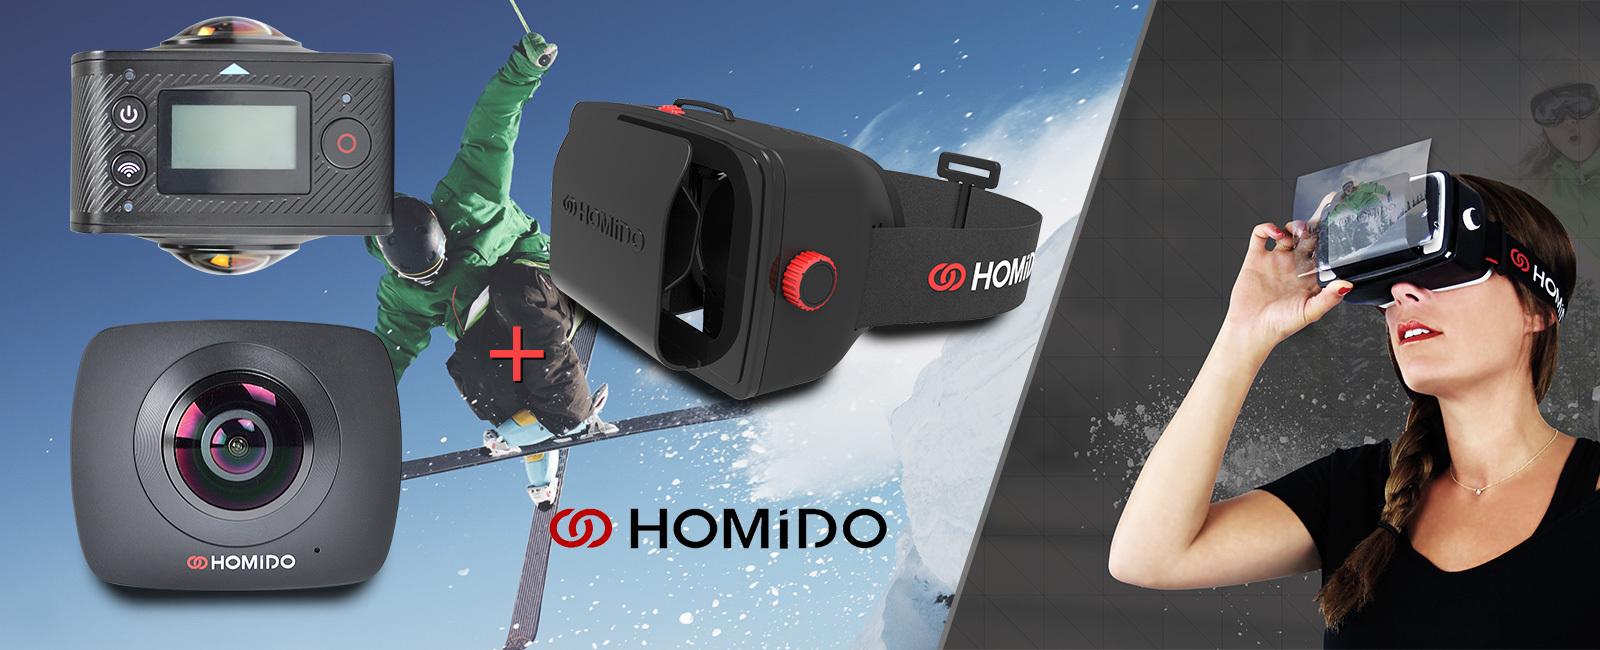 """Résultat de recherche d'images pour """"homido cam 360°"""""""